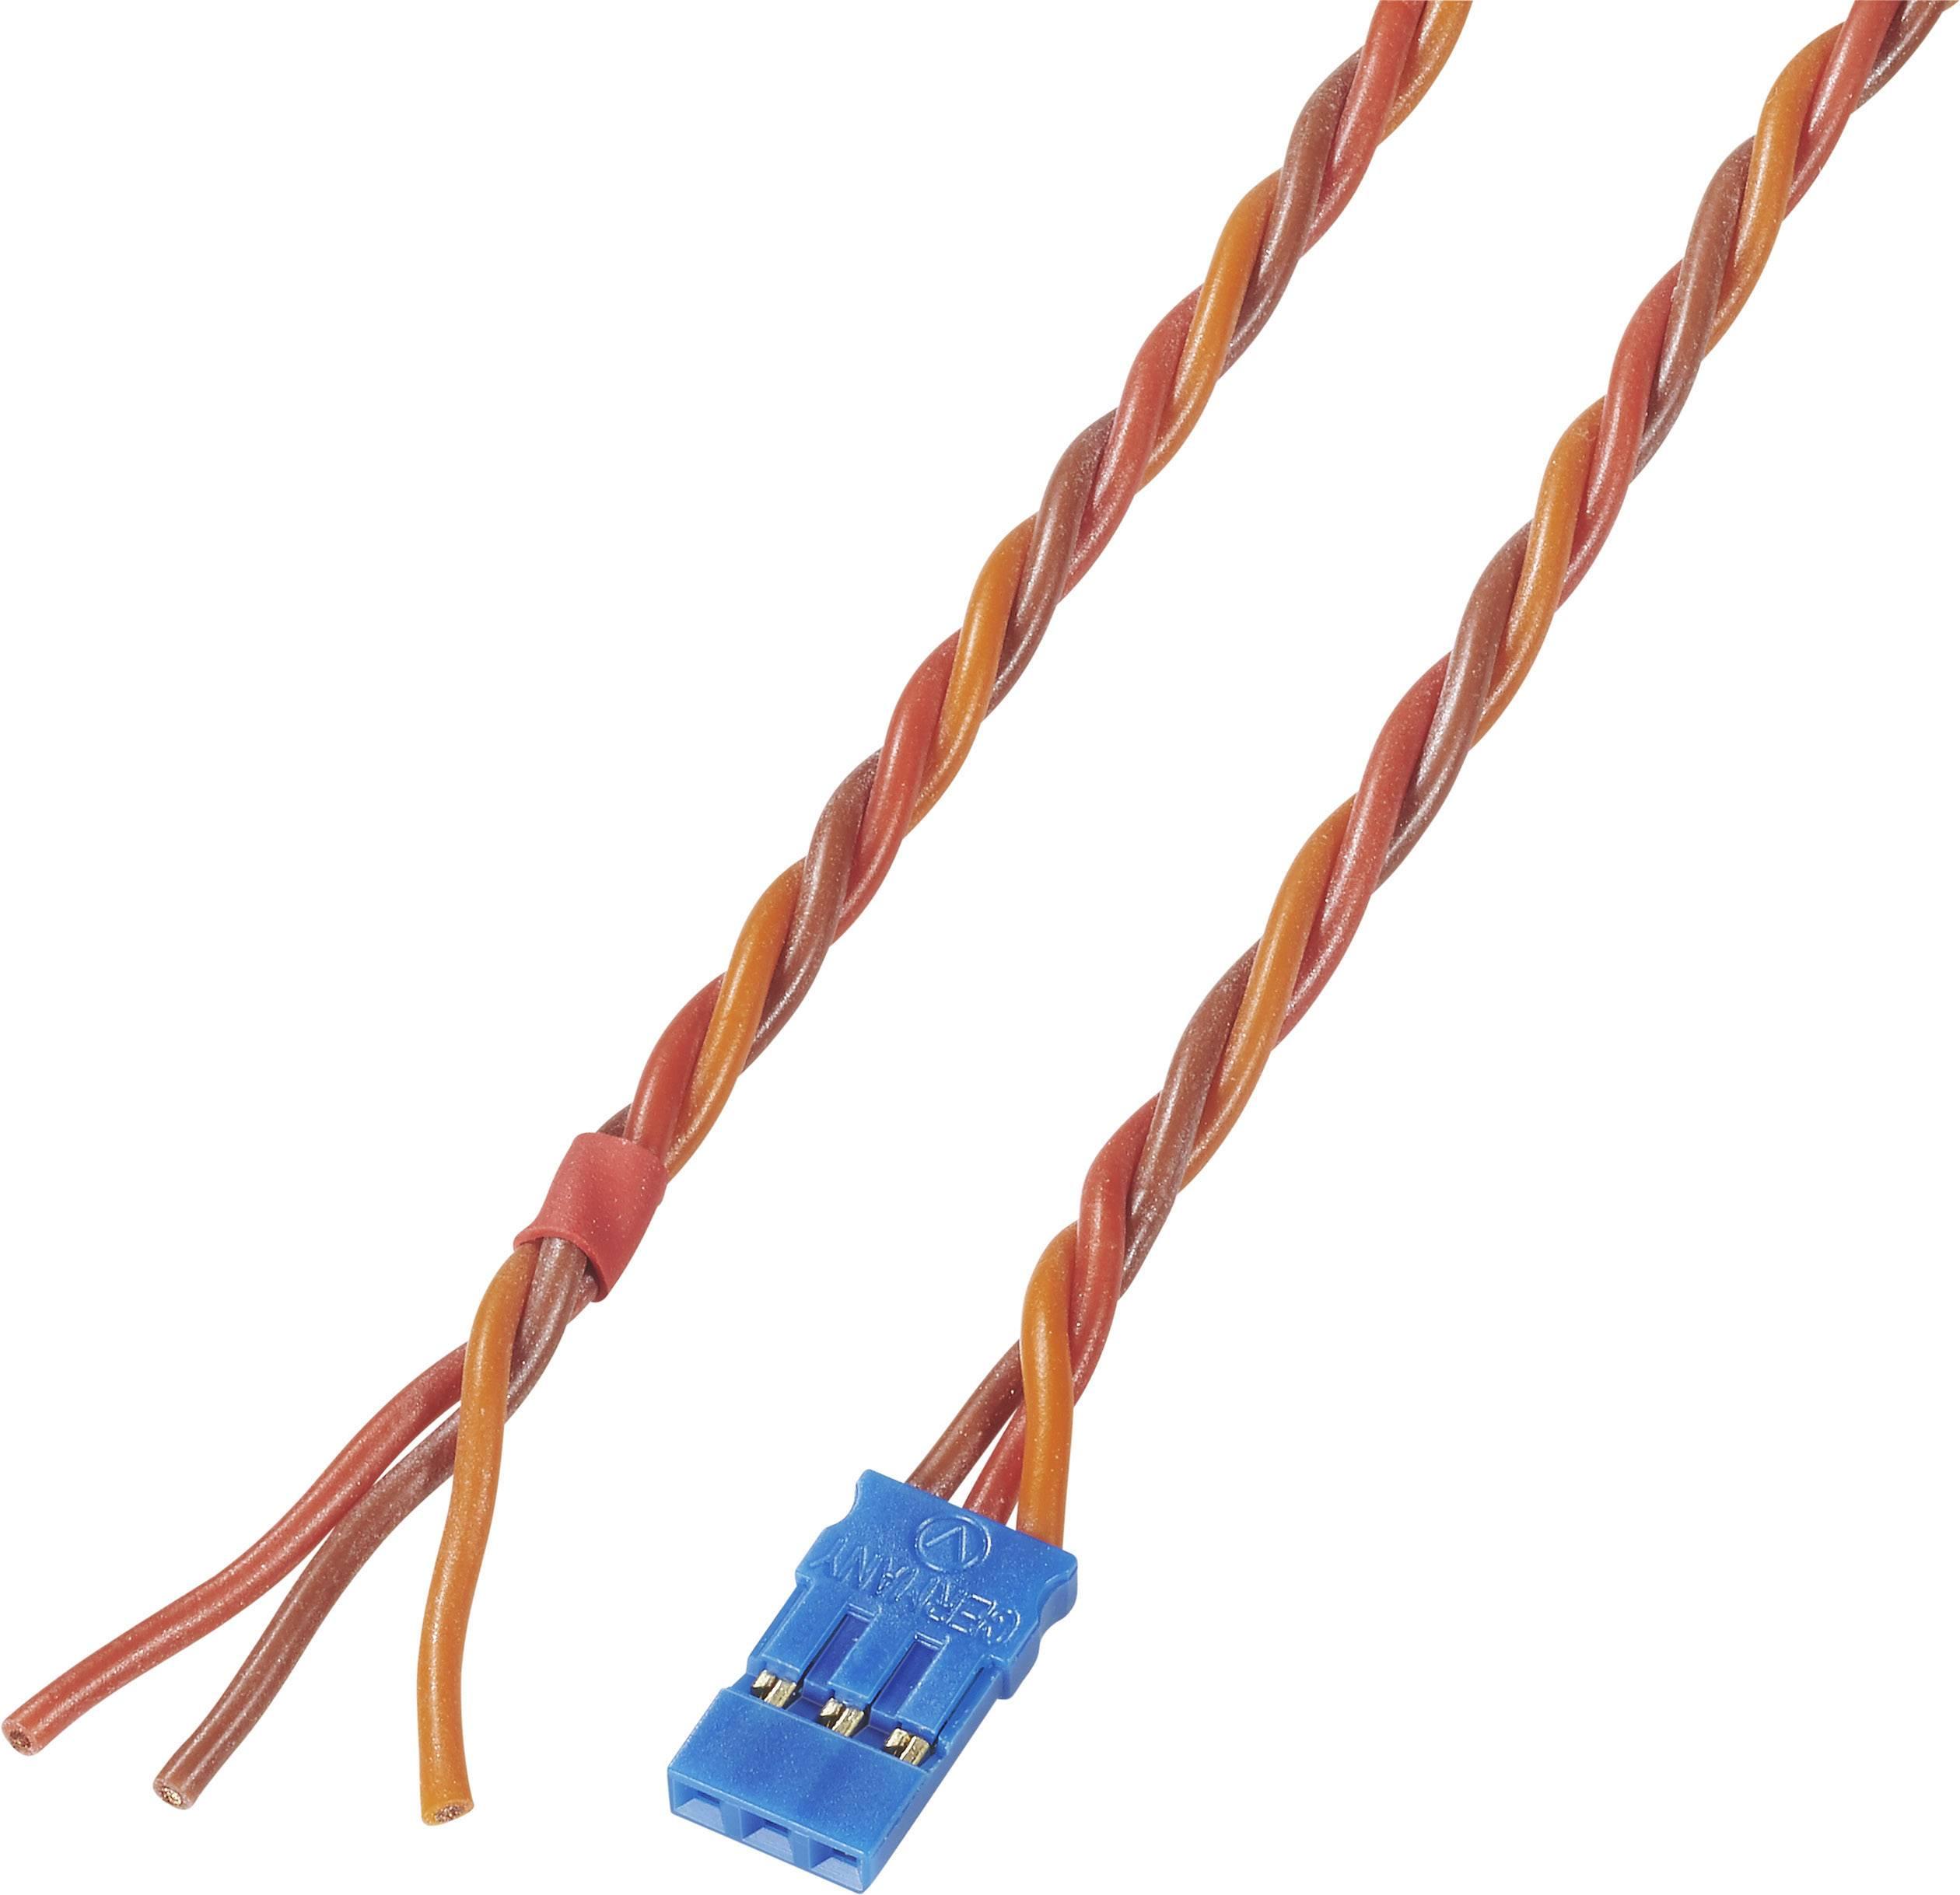 Kabel s konektorem JR, Modelcraft, 0,35 mm², 300 mm